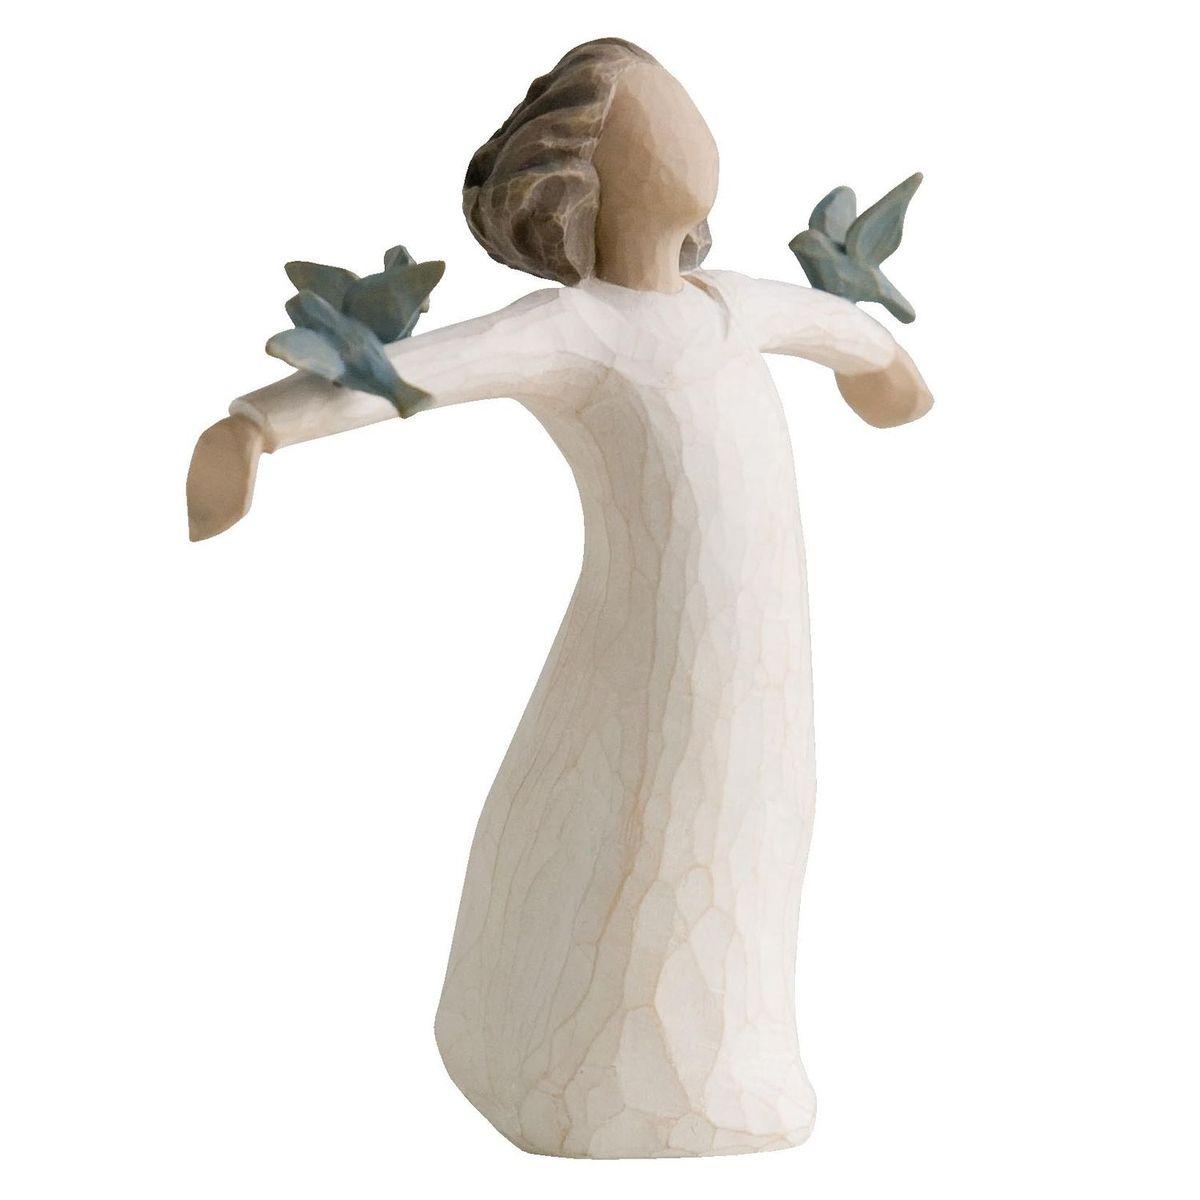 Фигурка Willow Tree Счастье, 13 см26130Эти прекрасные статуэтки созданы канадским скульптором Сьюзан Лорди. Каждая фигурка – это настоящее произведение искусства, образная скульптура в миниатюре, изображающая эмоции и чувства, которые помогают нам чувствовать себя ближе к другим, верить в мечту, выражать любовь. Каждая фигурка помещена в красивую упаковку. Купить такой оригинальный подарок, значит не только украсить интерьер помещения или жилой комнаты, но выразить свое глубокое отношение к любимому человеку. Этот прекрасный сувенир будет лучшим подарком на день ангела, именины, день рождения, юбилей. Материал: Искусственный камень (49% карбонат кальция мелкозернистой разновидности, 51% искусственный камень)